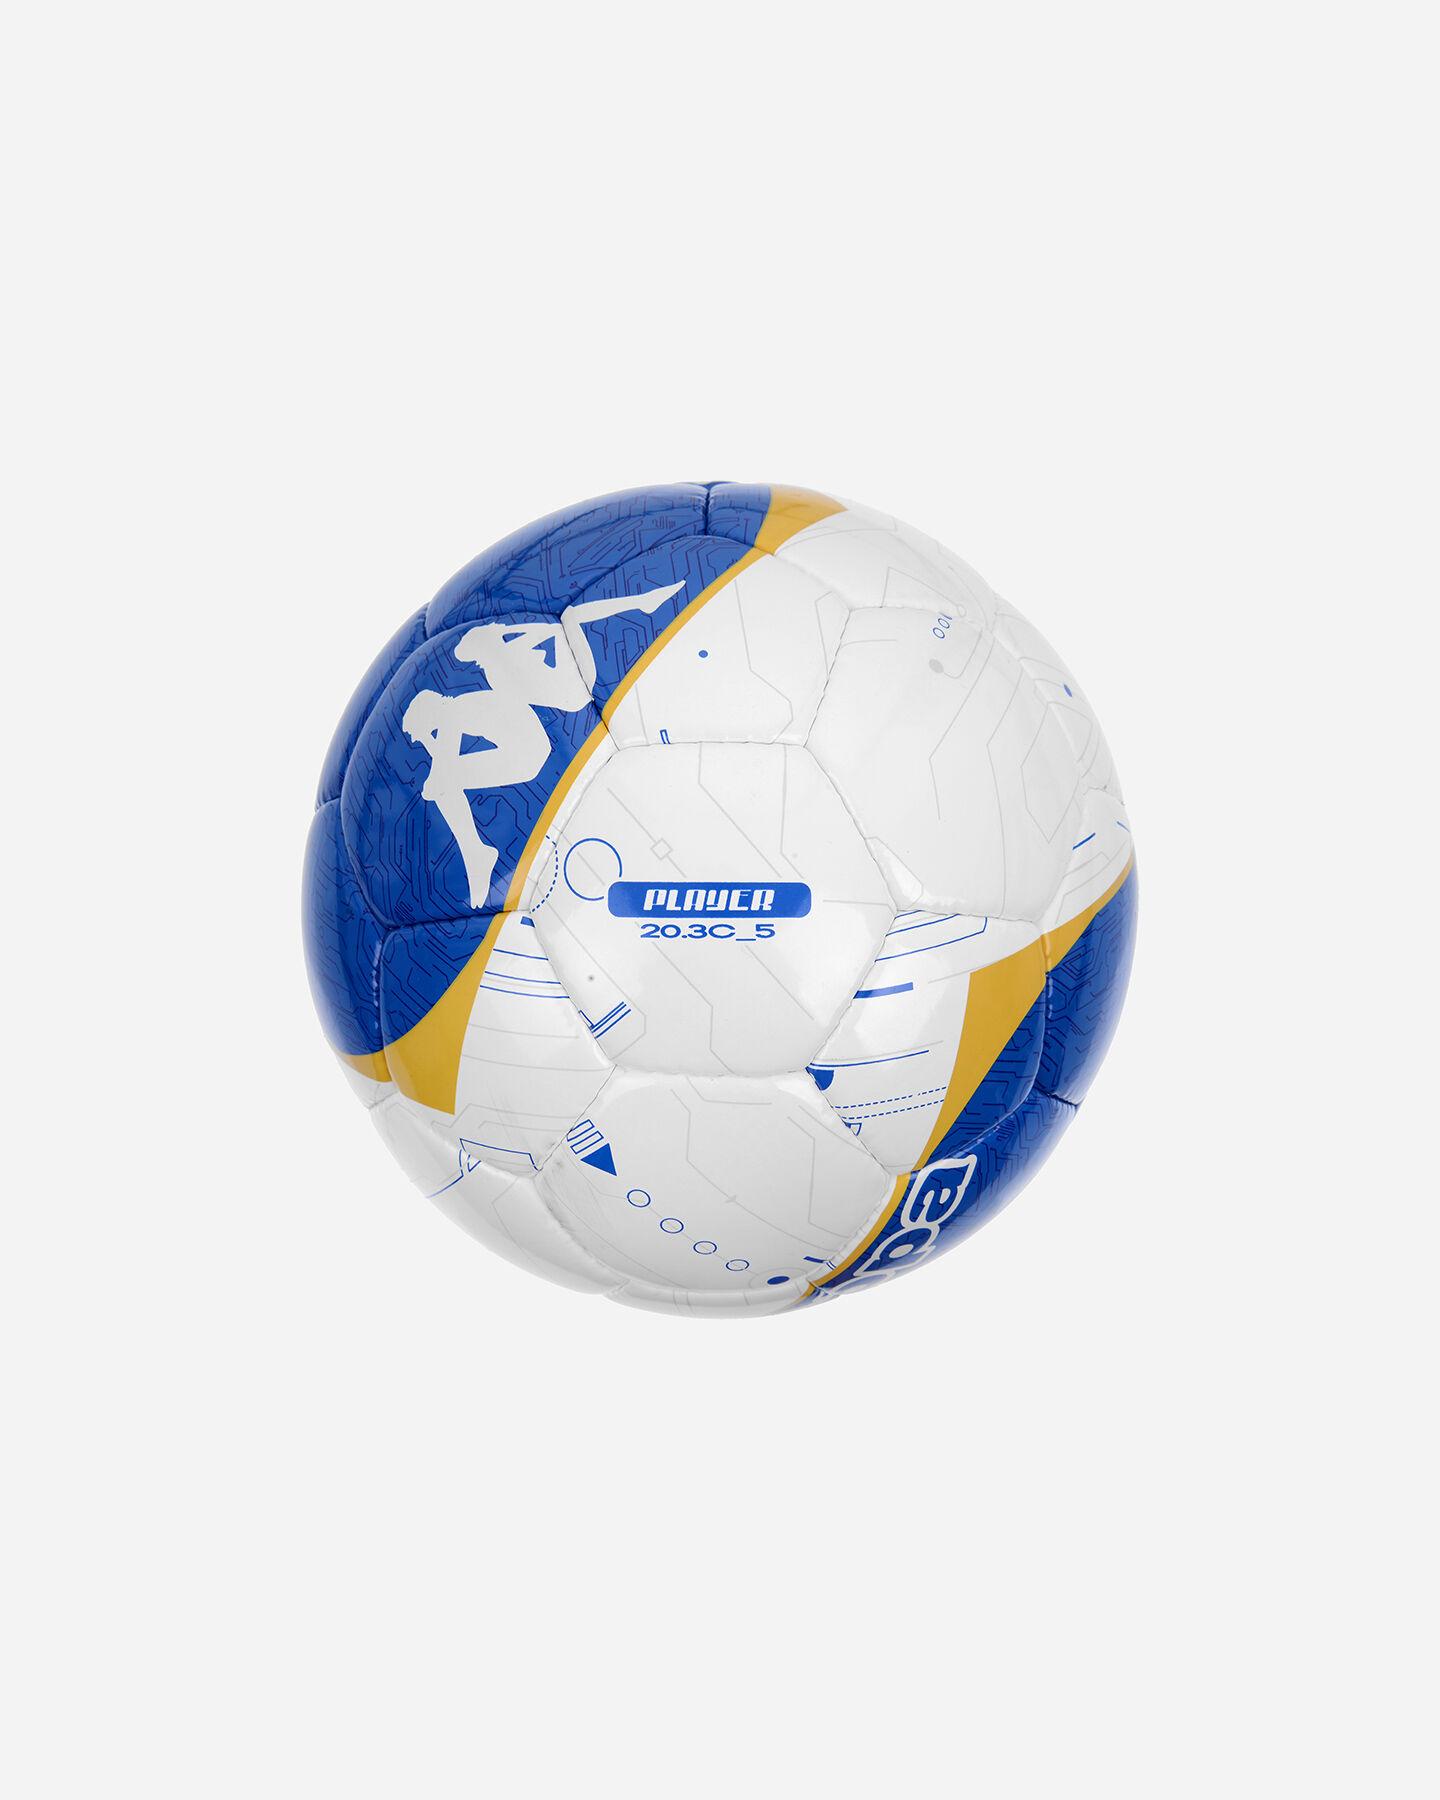 Pallone calcio KAPPA BRESCIA 19-20 SZ5 S4070797 A01 UNI scatto 1